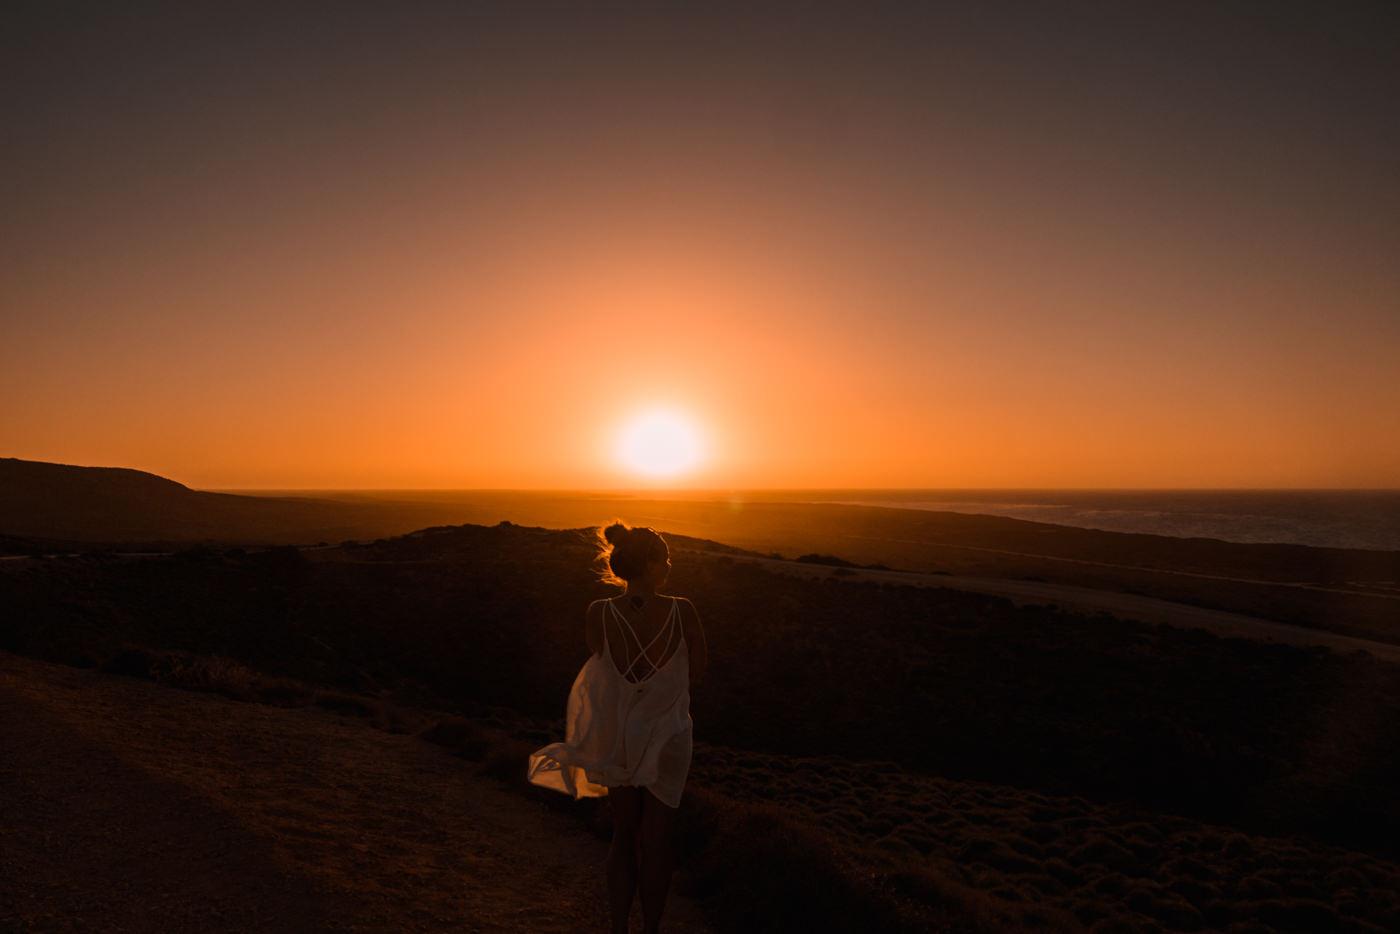 Sonnenuntergang am Leuchtturm von Exmouth